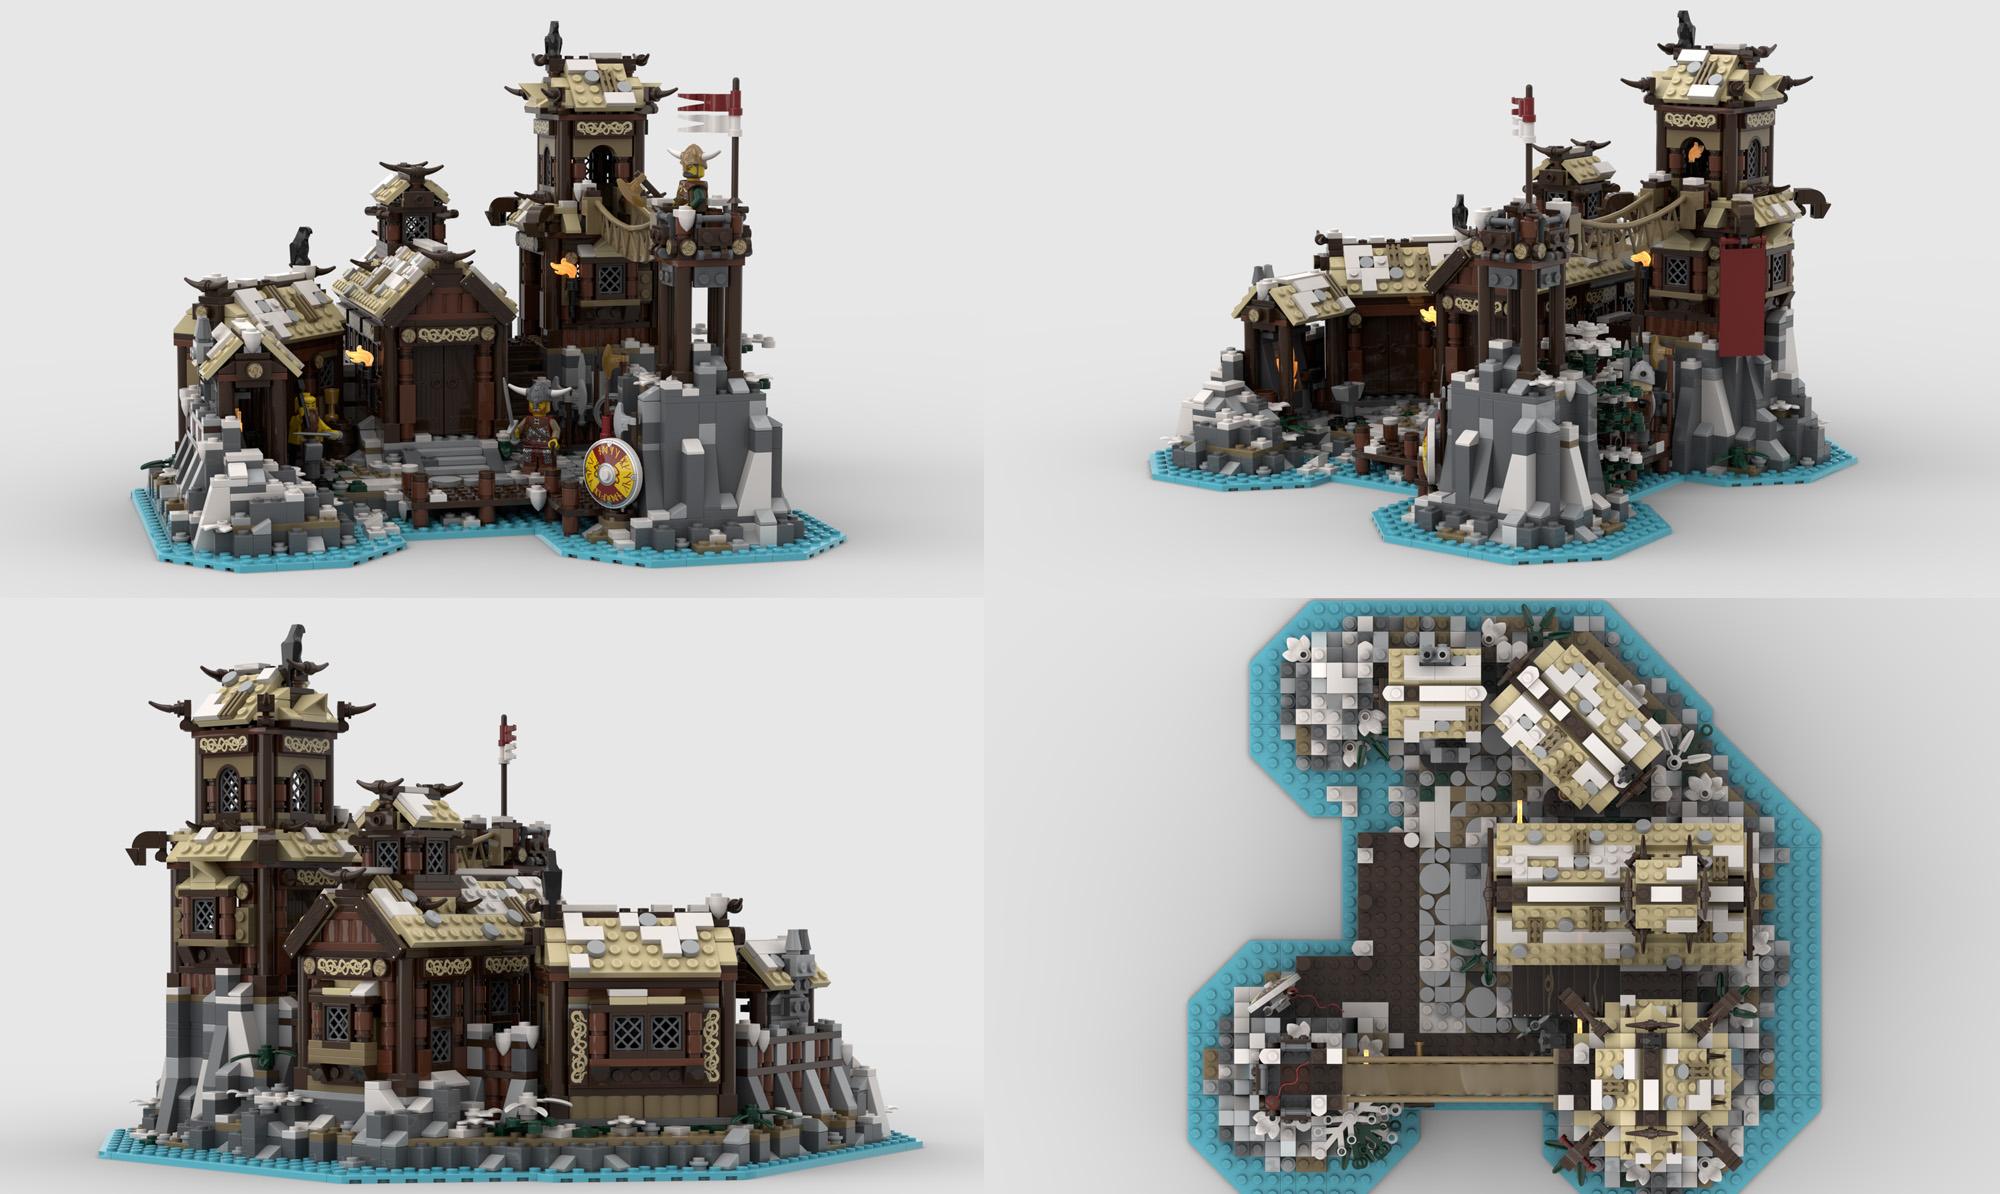 レゴアイデアで『ヴァイキングの村』が製品化レビュー進出!2020年第3回1万サポート獲得デザイン紹介